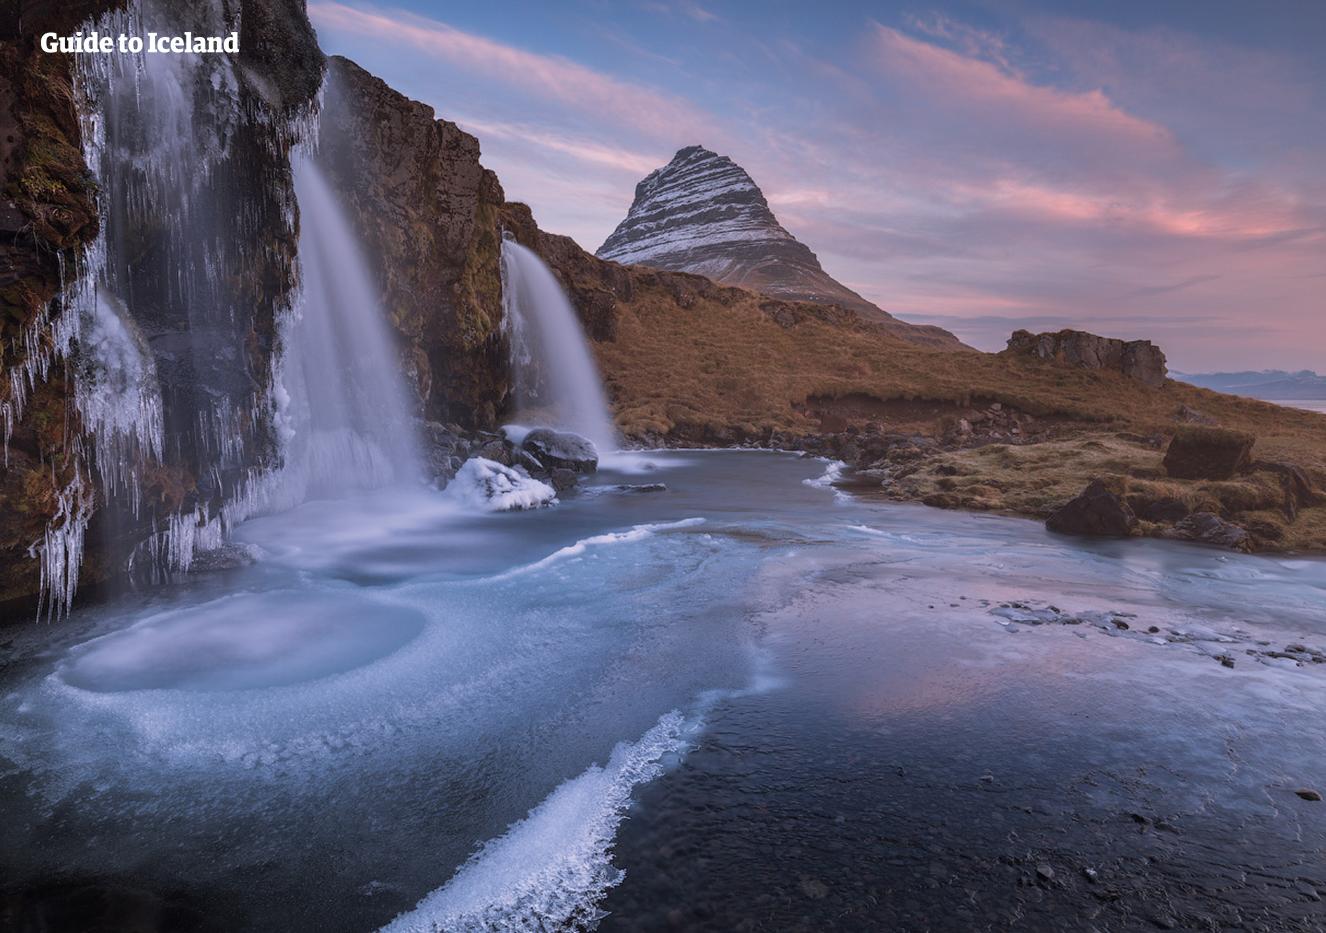 Der Wasserfall Kirkjufellsfoss in der Nähe des pyramidenförmigen Berges Kirkjufell in Westisland ist zwar von der kleineren Sorte, weiß aber trotzdem zu beeindrucken.